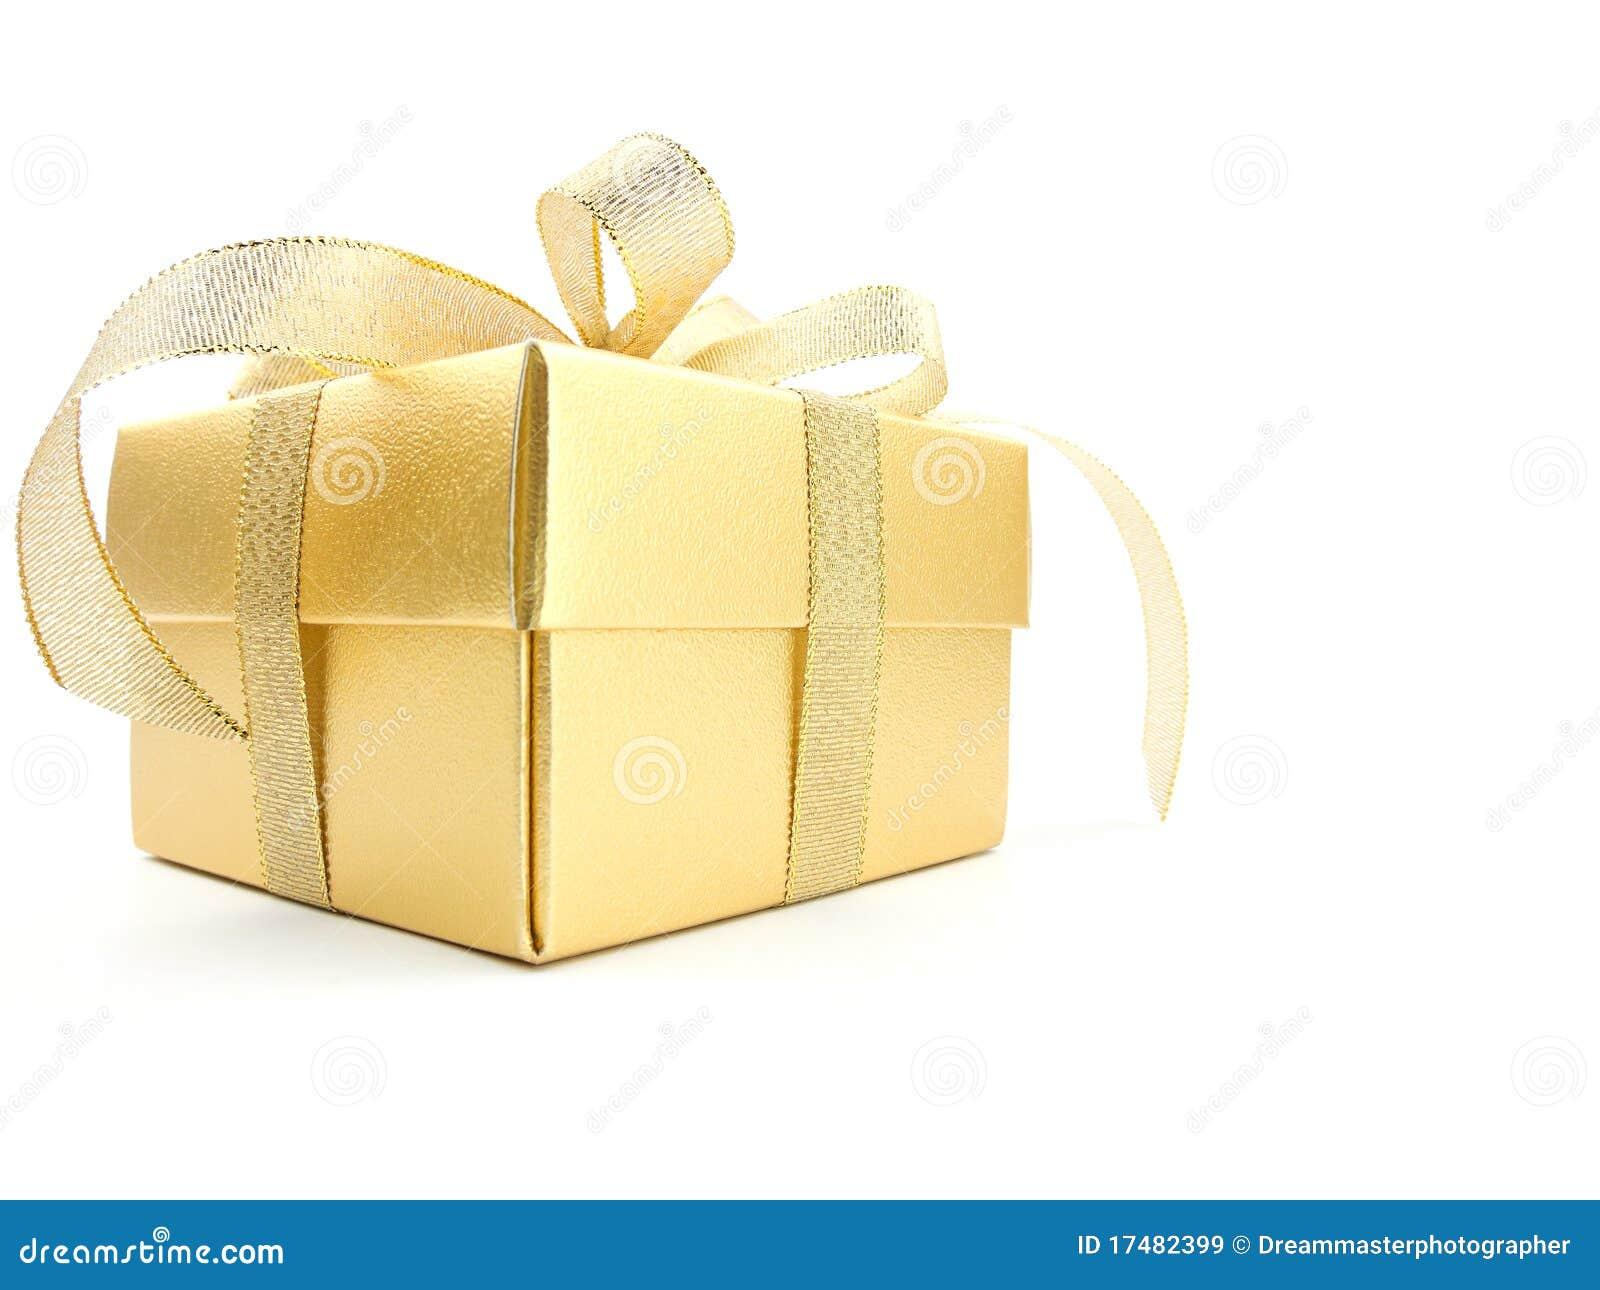 Подарок-квест или один из самых необычных подарков 58